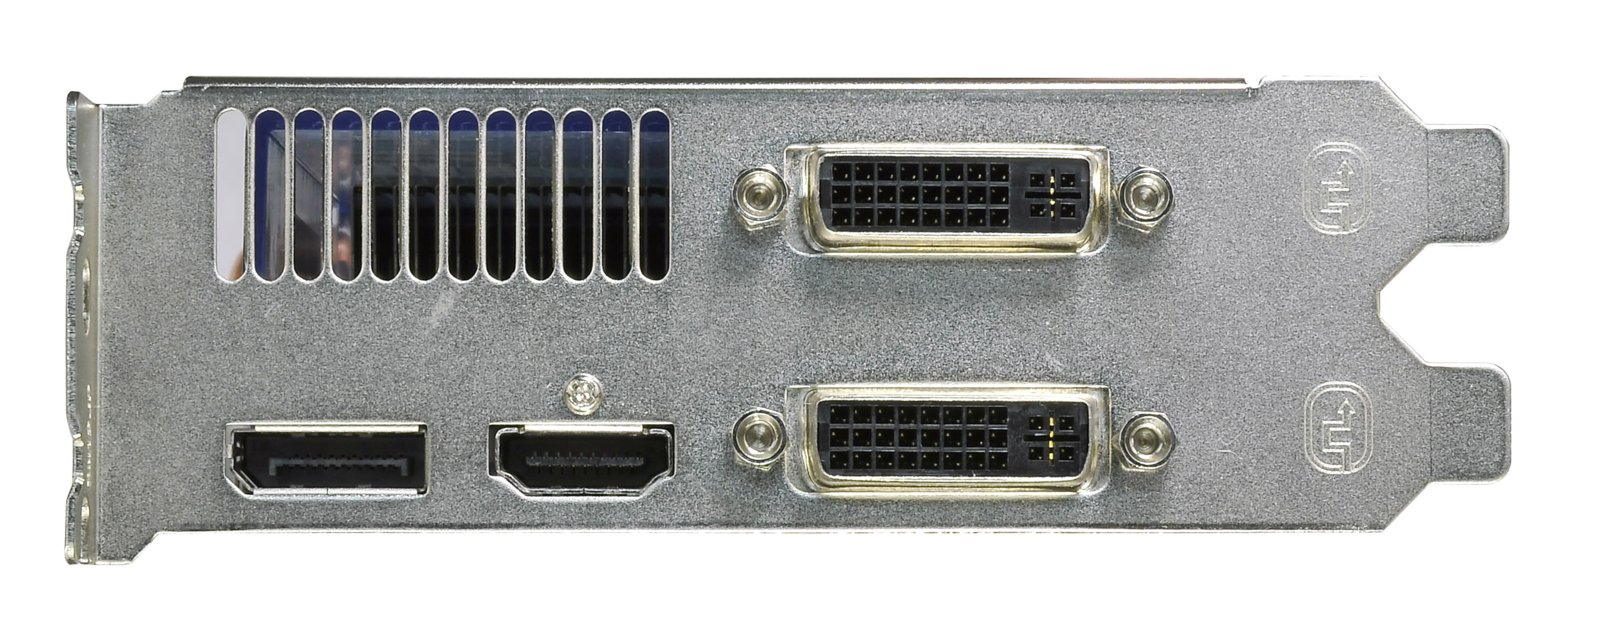 HIS HD 5770 IceQ 5 Turbo 1GB (128bit) GDDR5 PCIe (DirectX 11